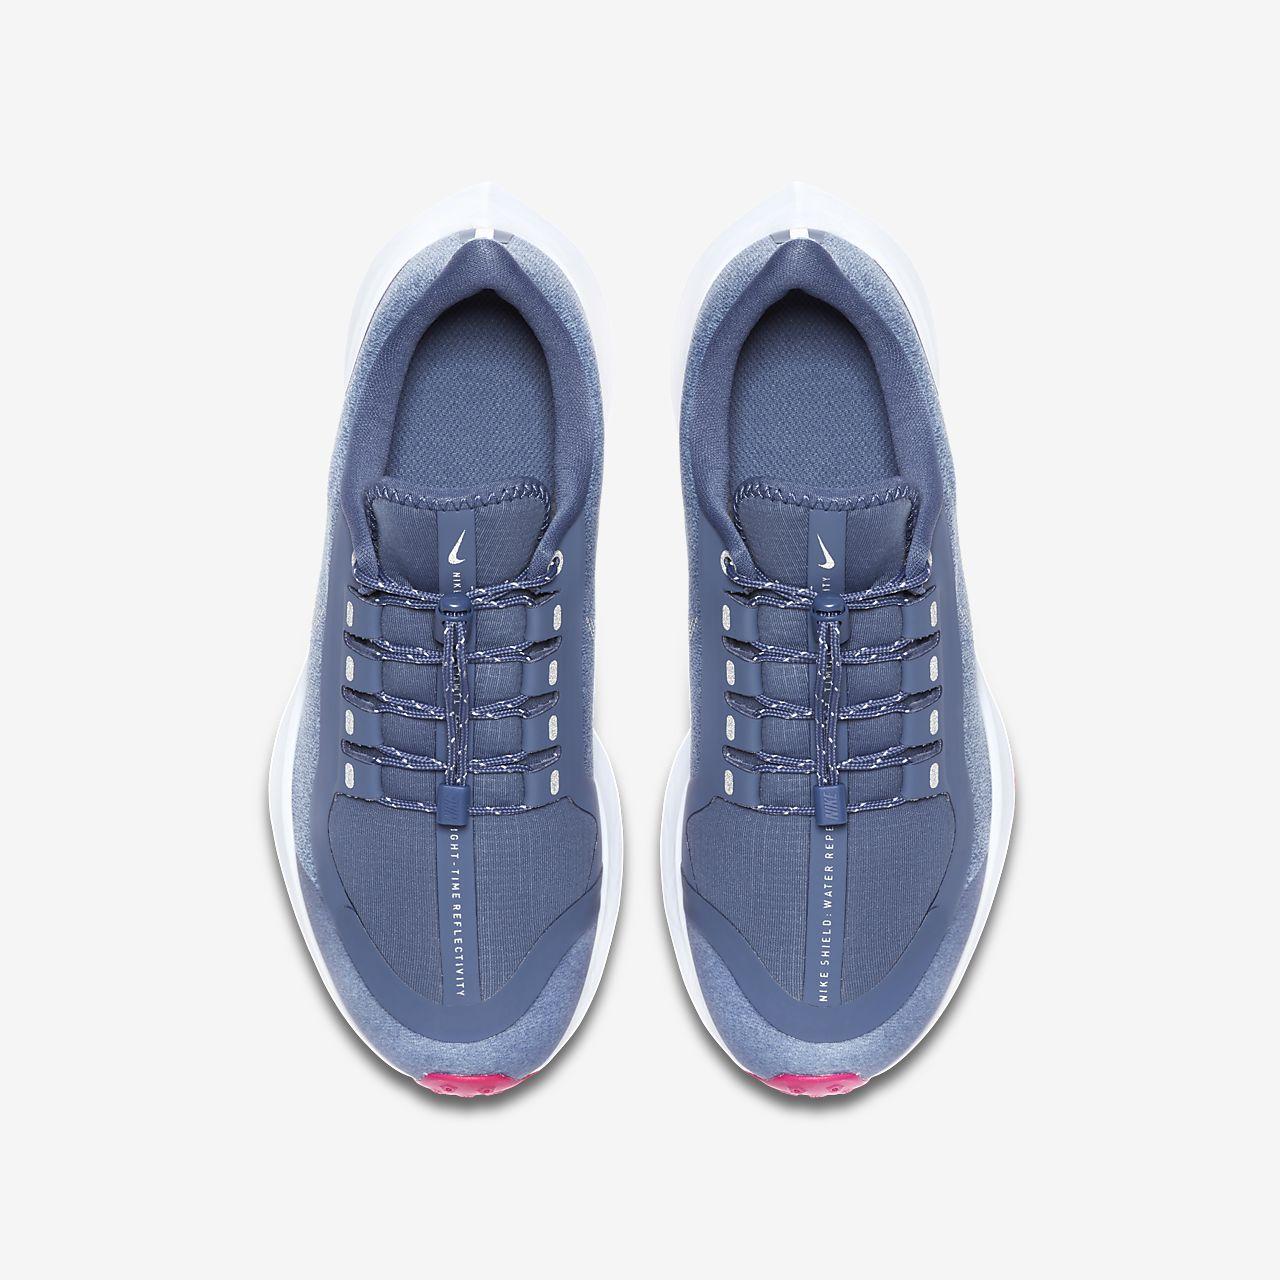 48bdff7c1 ... Nike Air Zoom Pegasus 35 Shield Younger/Older Kids' Running Shoe